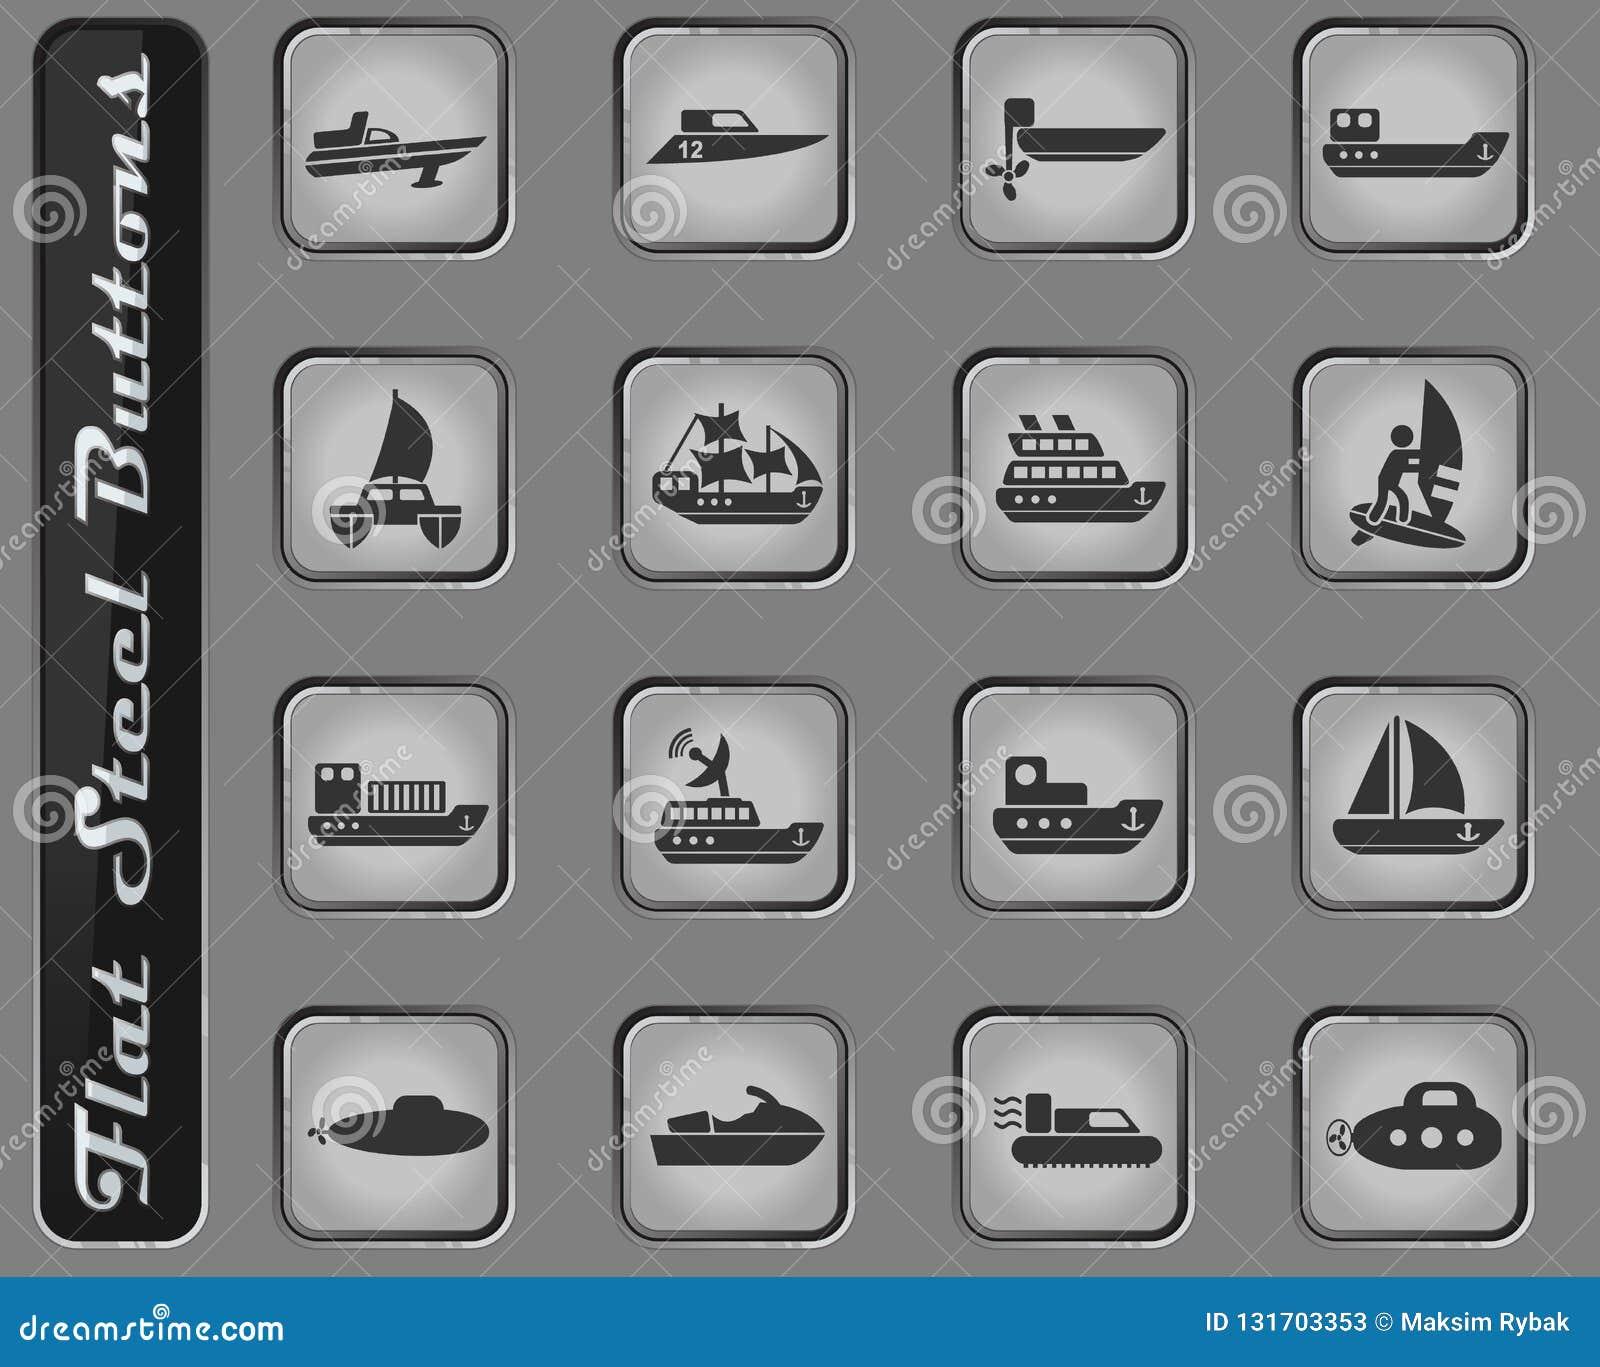 6c7e0ab329b6 Torpedo Buoy Flat Icon Stock Illustration